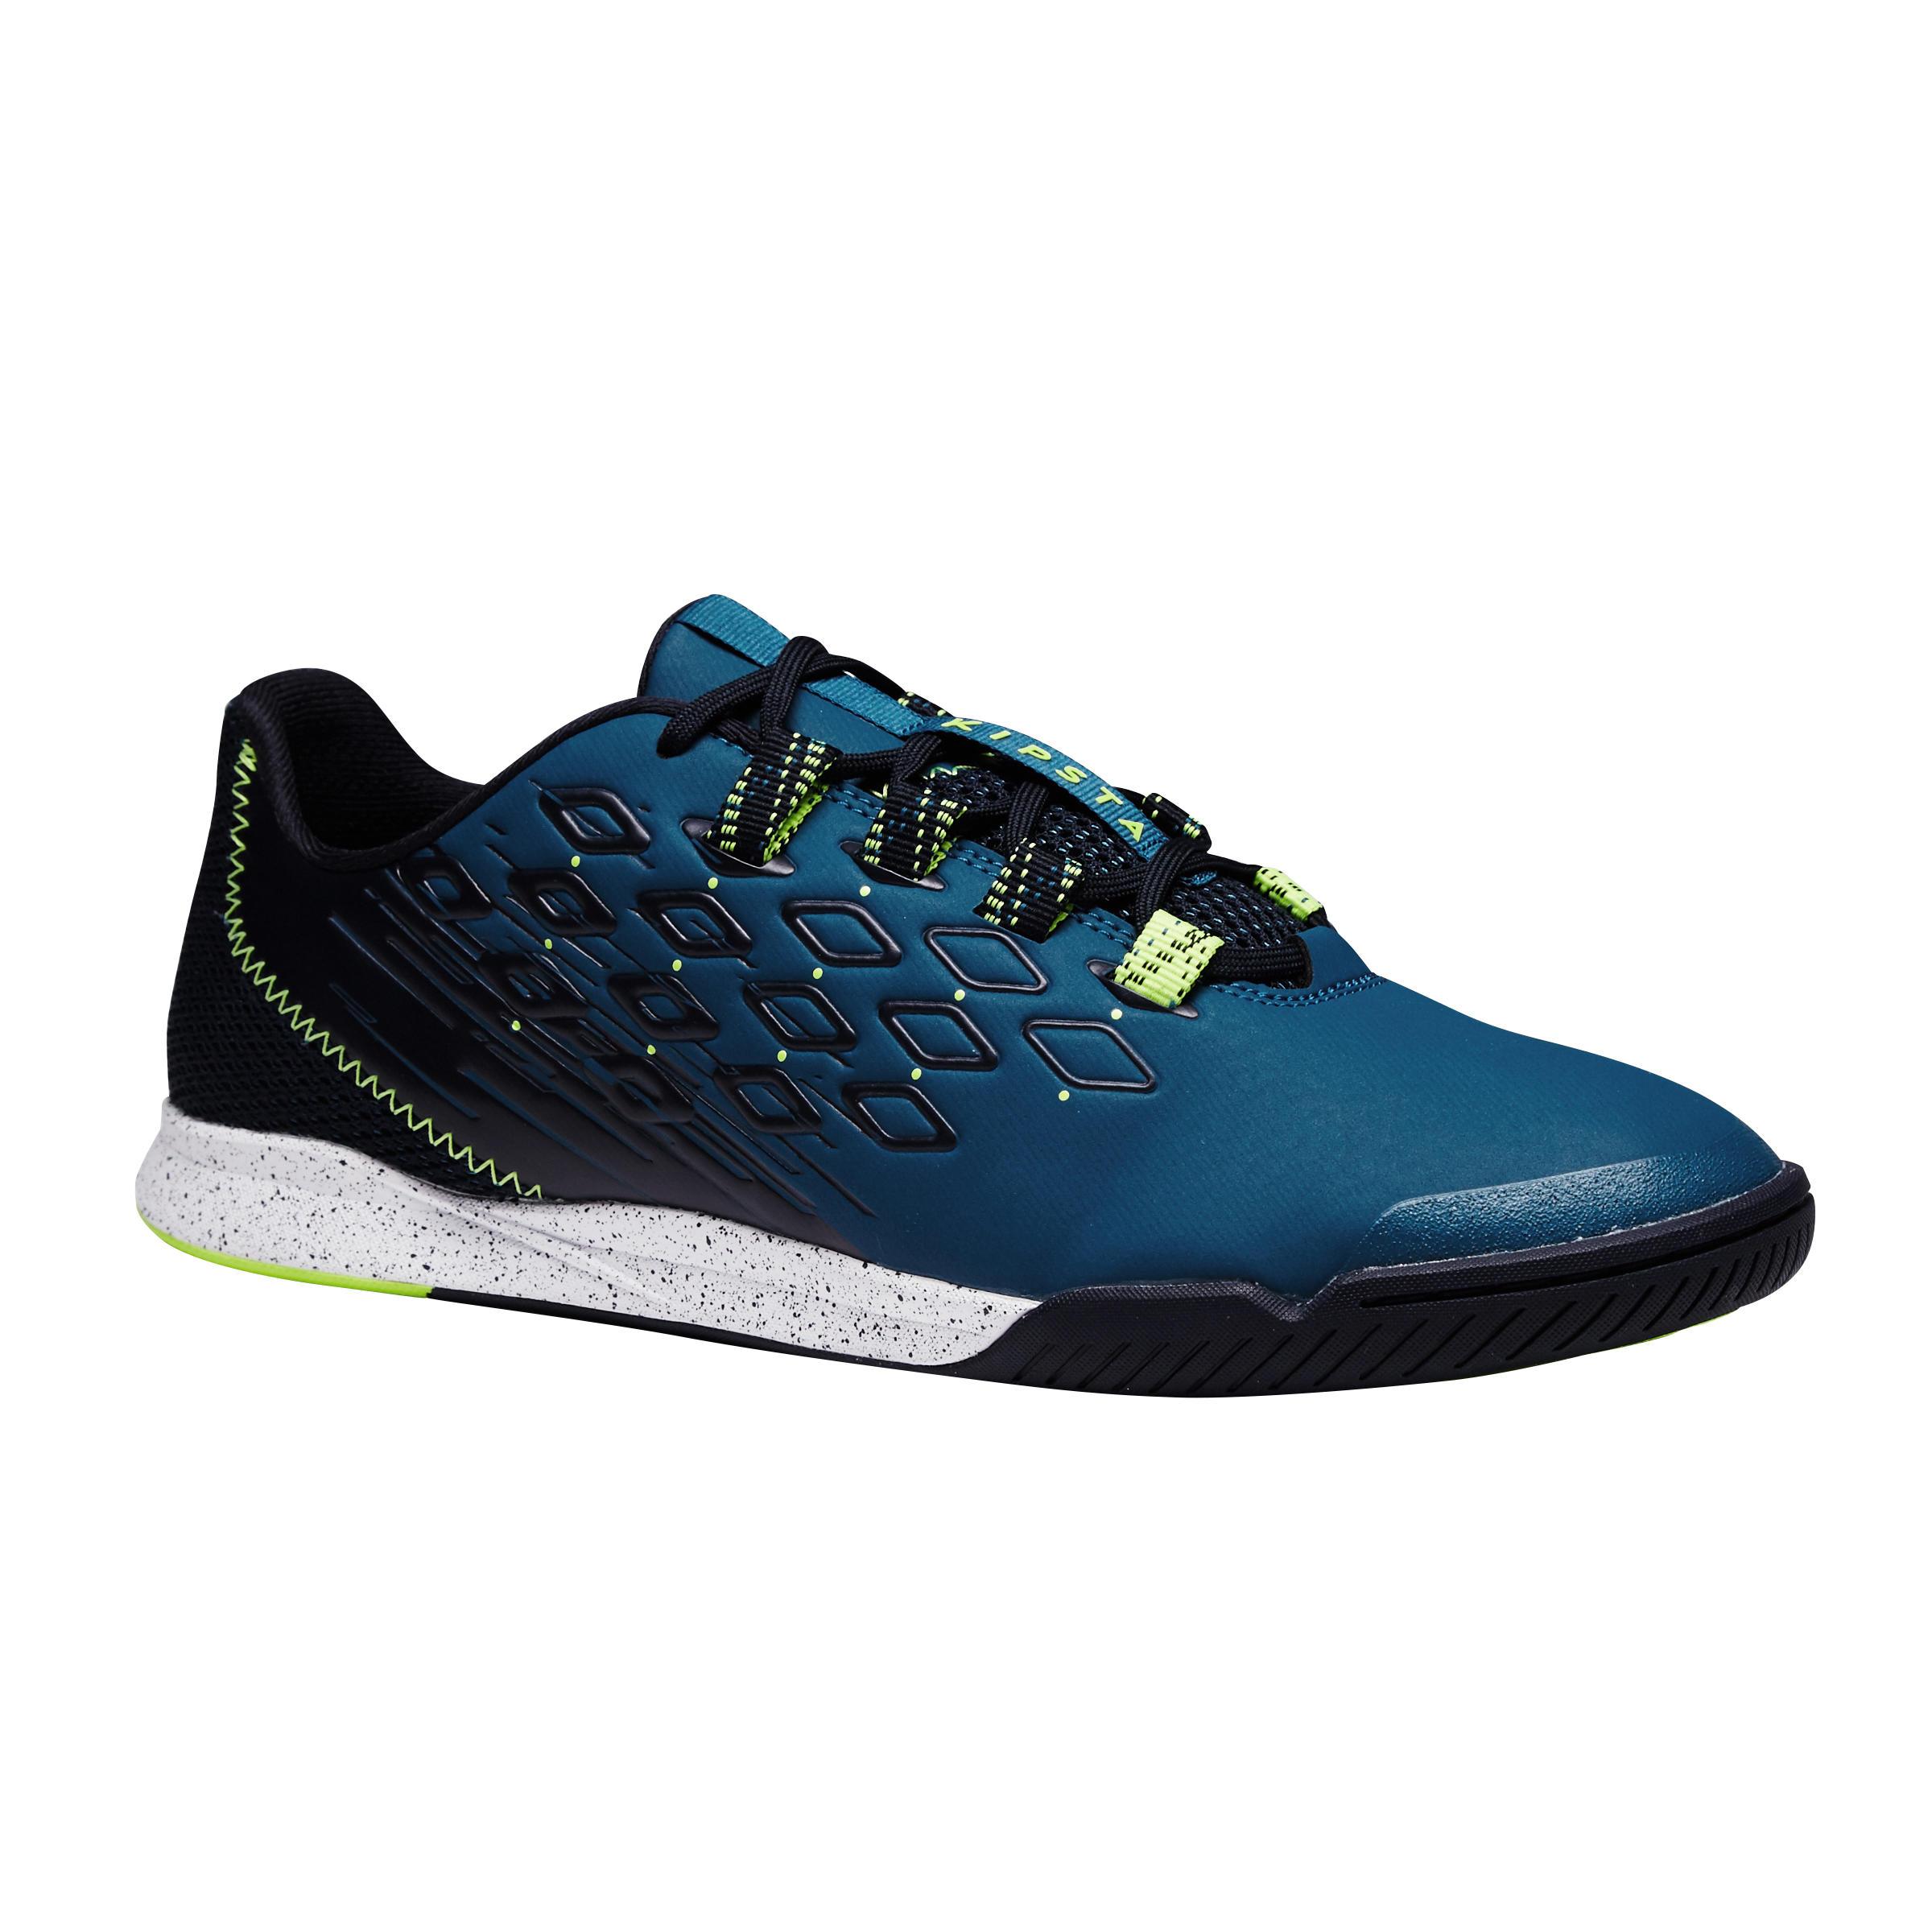 Hallenschuhe Futsal Fußball Fifter 900 blau | Schuhe > Sportschuhe > Hallenschuhe | Imviso